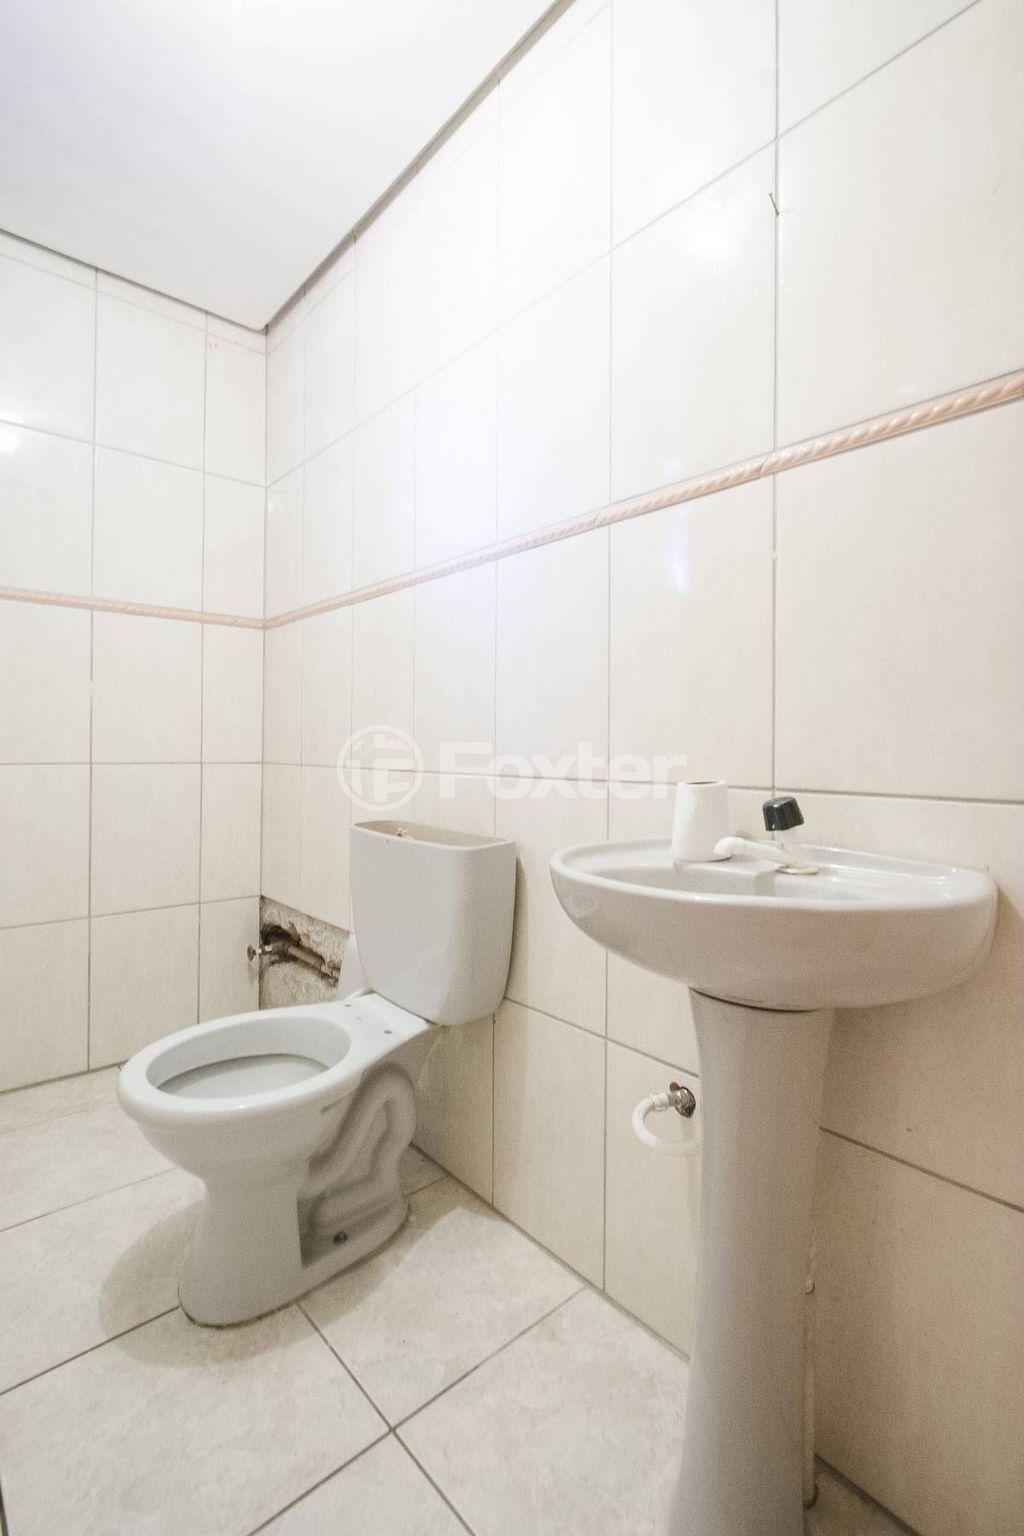 Casa 4 Dorm, Parque da Matriz, Cachoeirinha (116987) - Foto 6